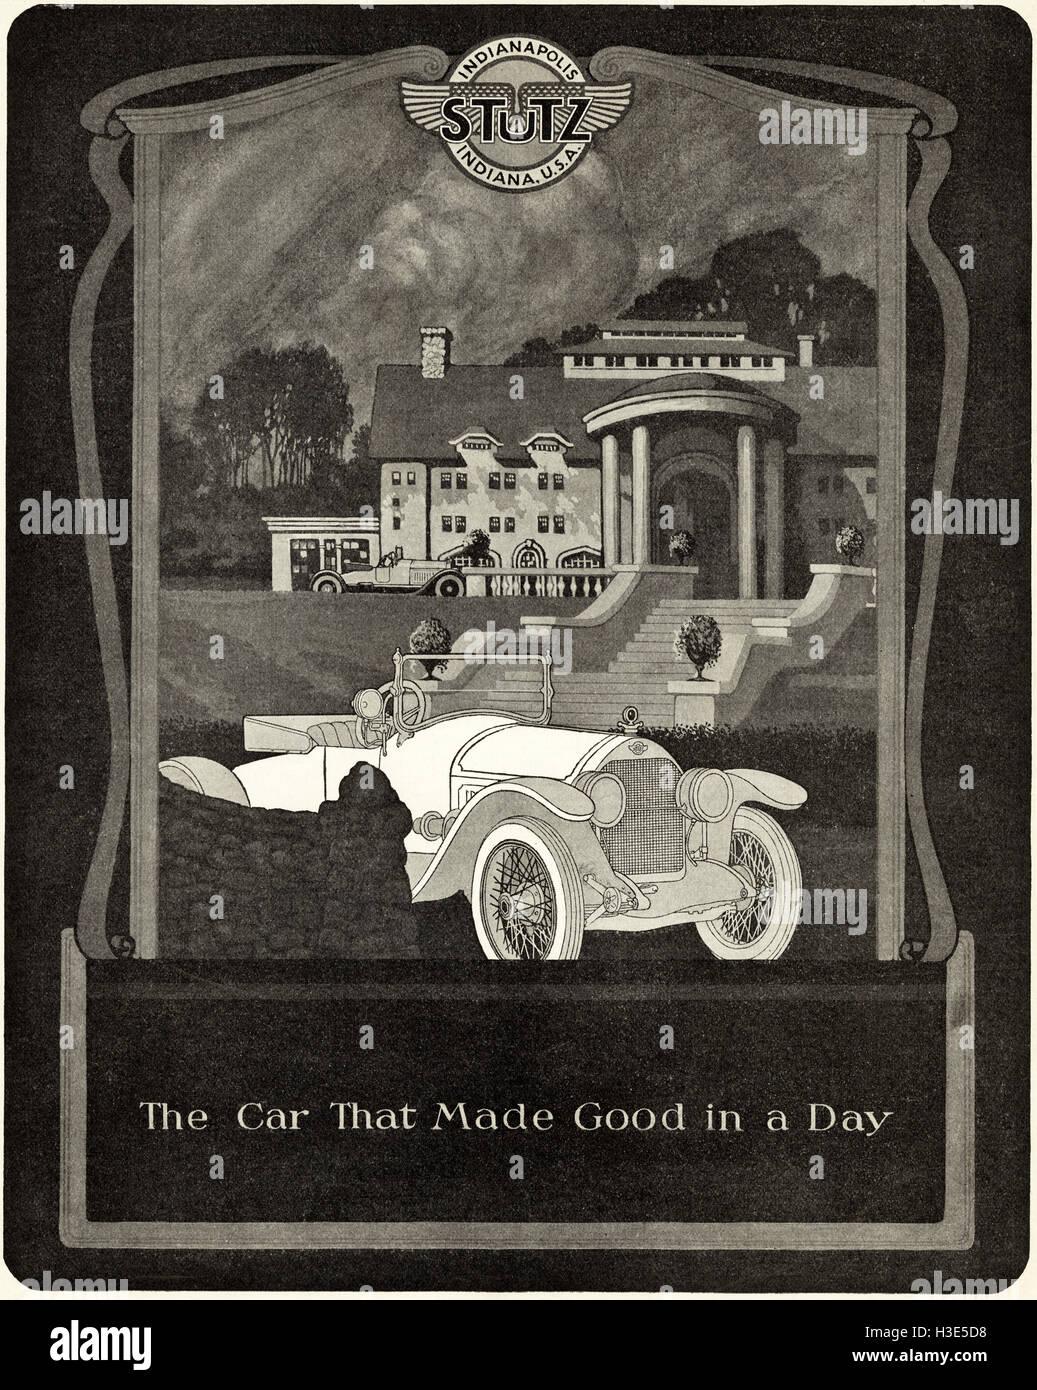 1920 anzeige aus original alten vintage amerikanische zeitschrift 1920 s werbung werbung stutz. Black Bedroom Furniture Sets. Home Design Ideas